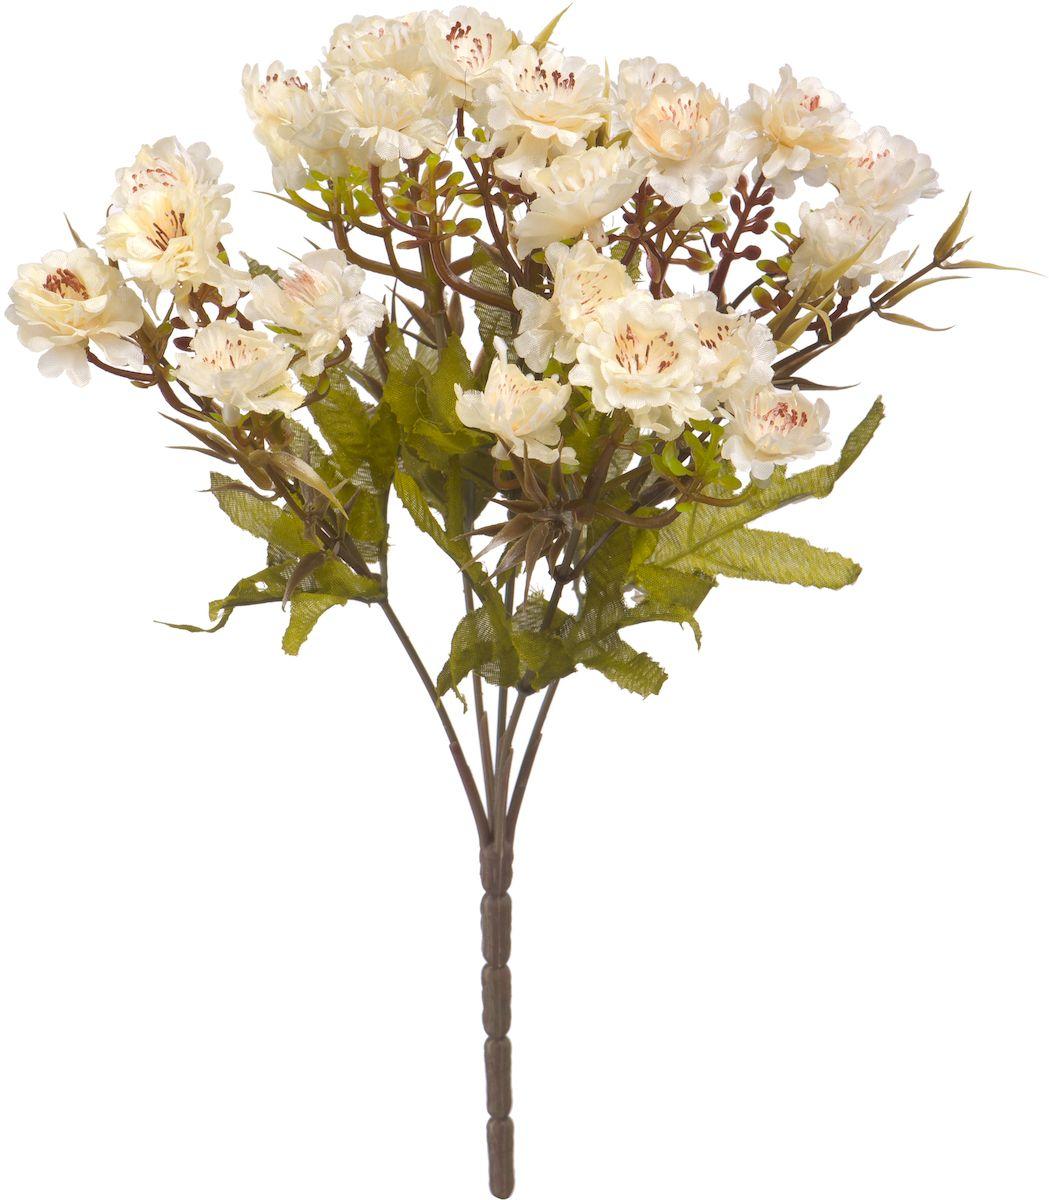 Цветы искусственные Engard Хризантема, цвет: белый, 30 смE4-248BИскусственные цветы Engard - это популярное дизайнерское решение для создания природного колорита и индивидуальности в интерьере. Декоративный букет хризантем из пяти цветков белого цвета выглядит довольно реалистично, нежно и является достойной альтернативой натуральным цветам. Хризантемы имеют идеально собранную форму. Не требует постоянного ухода. Размер: 30 см.